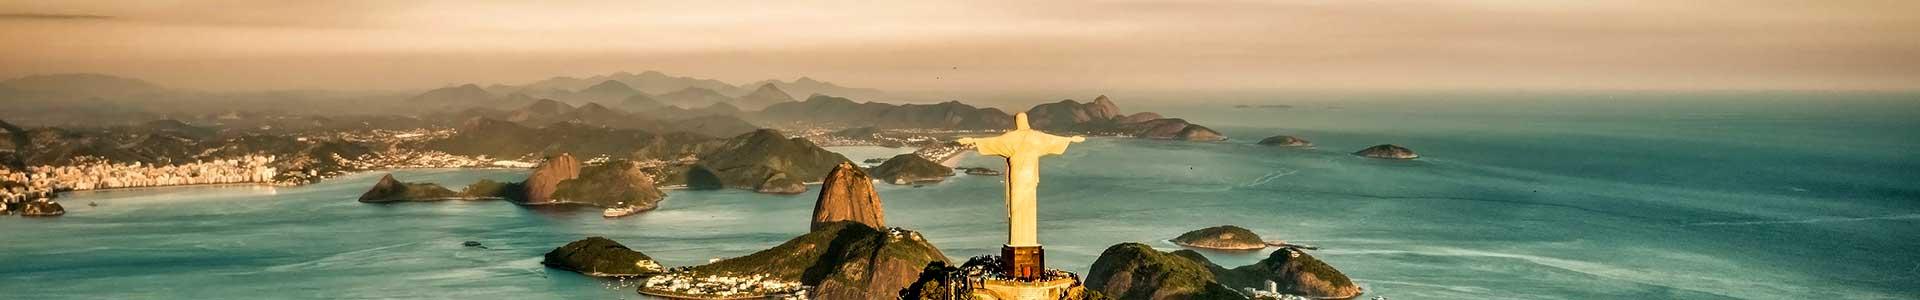 Voyage au Brésil - TUI